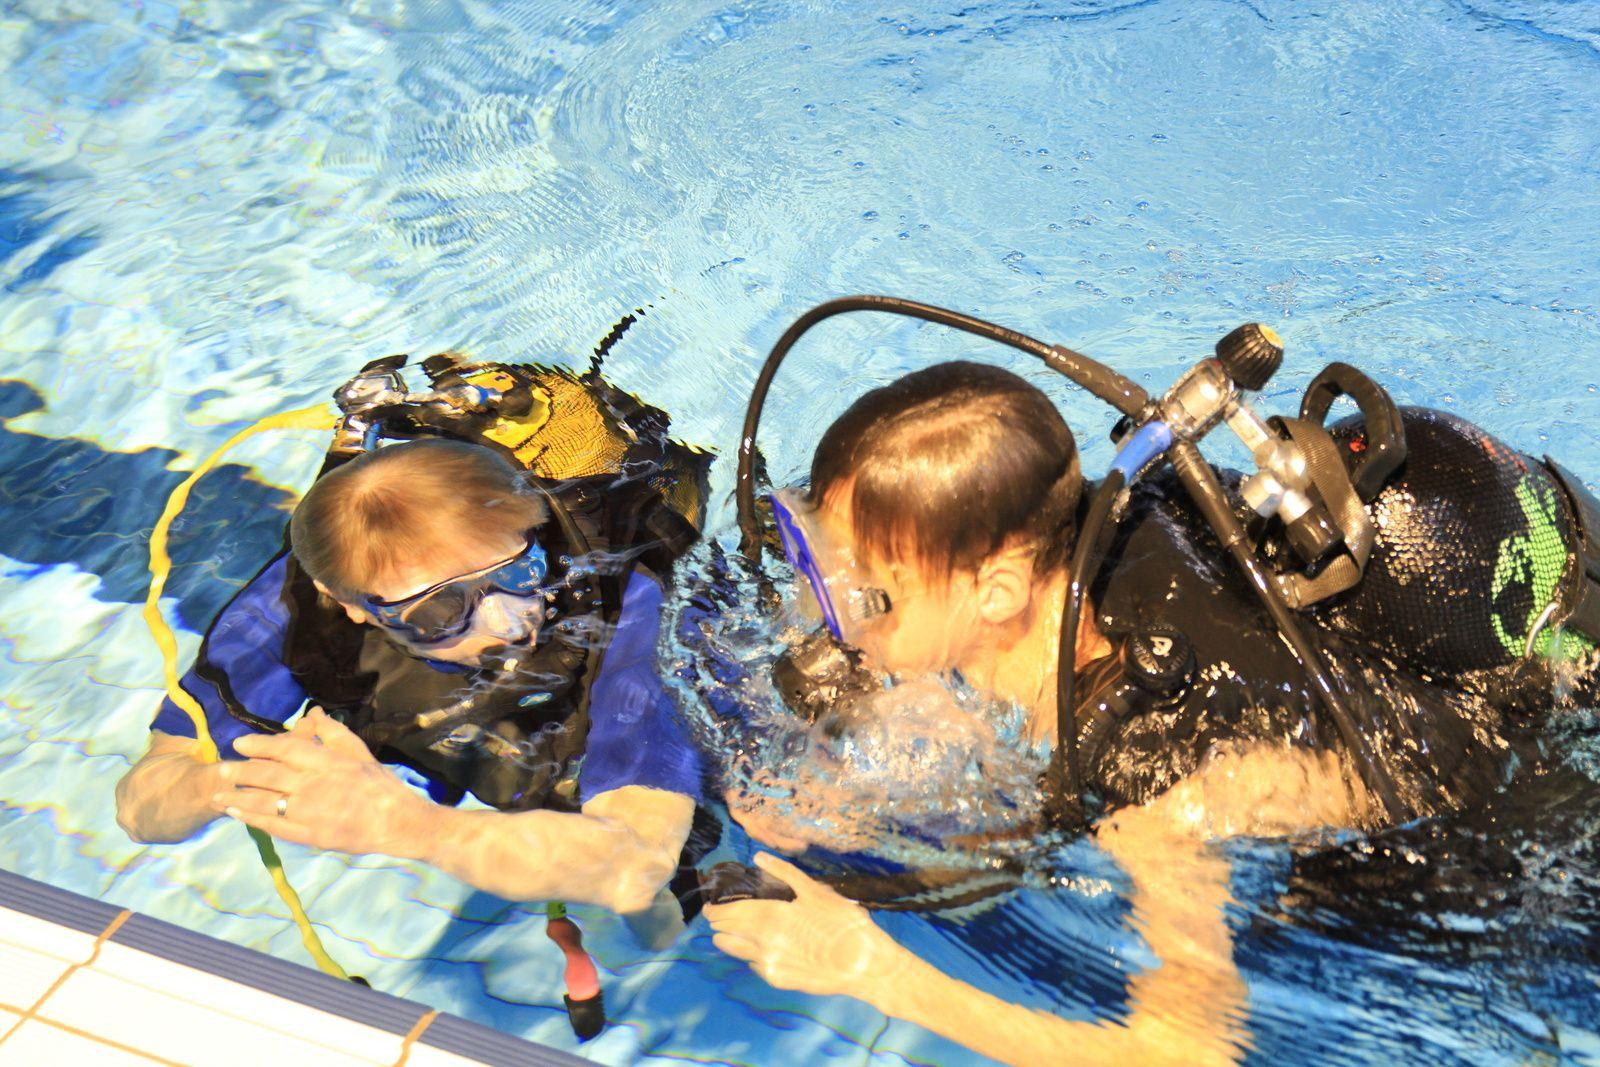 Qui n'a jamais rêvé de respirer sous l'eau ?